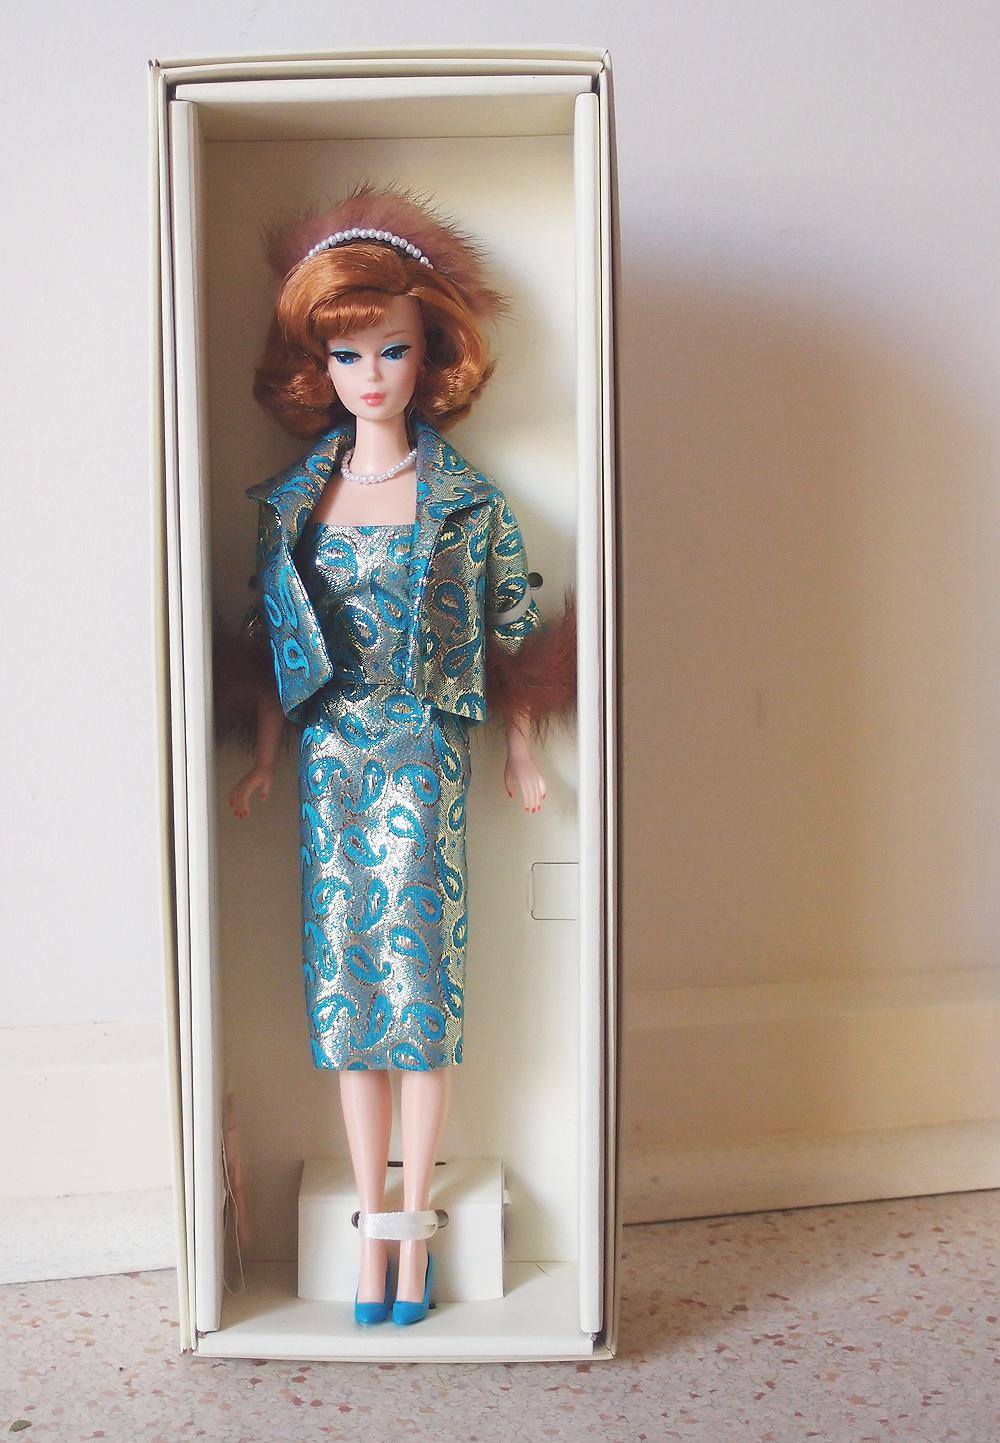 costumes Vintage barbie